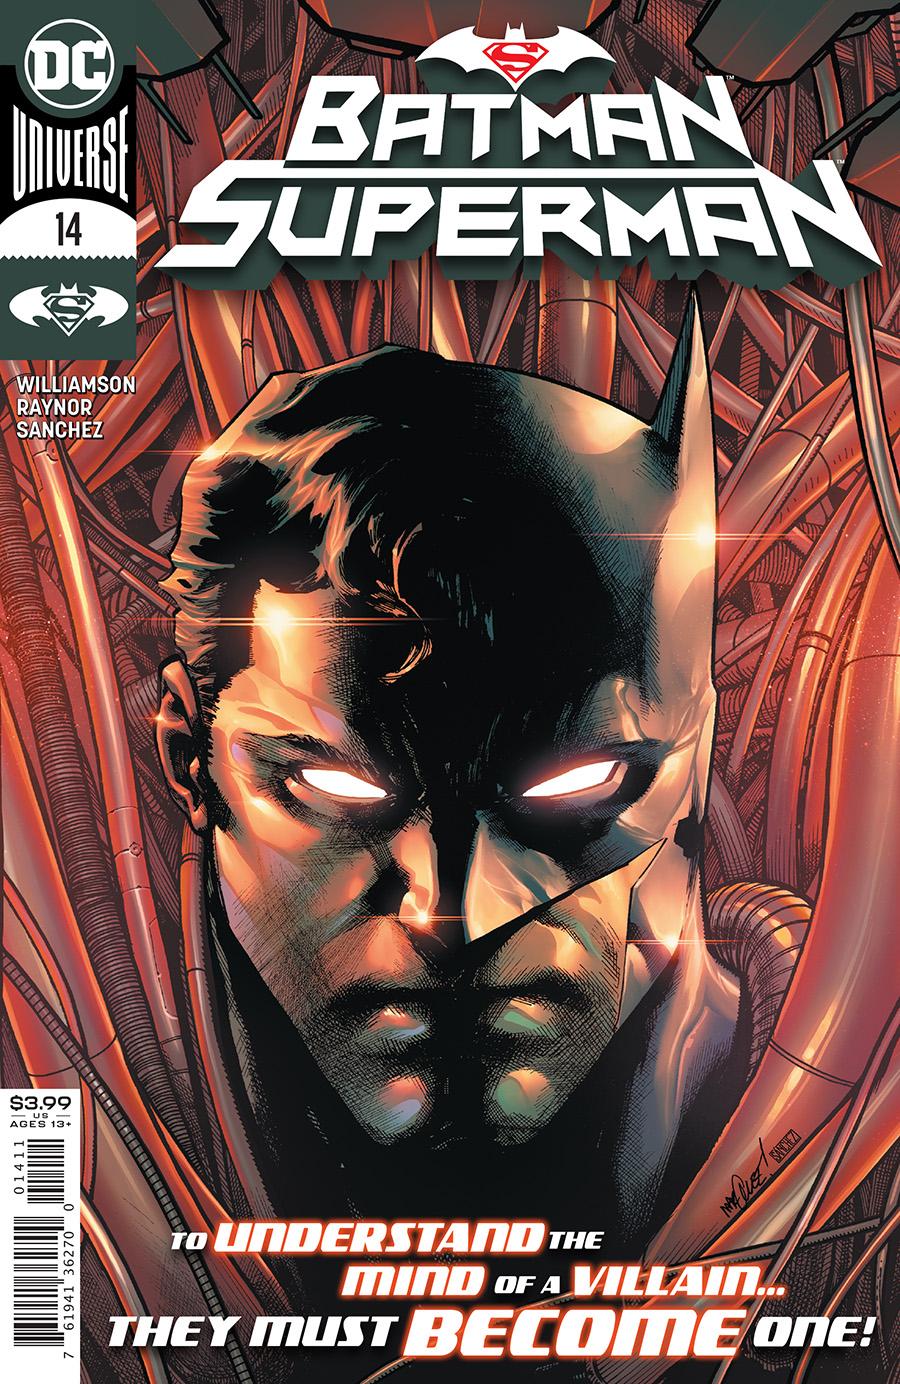 Batman Superman Vol 2 #14 Cover A David Marquez